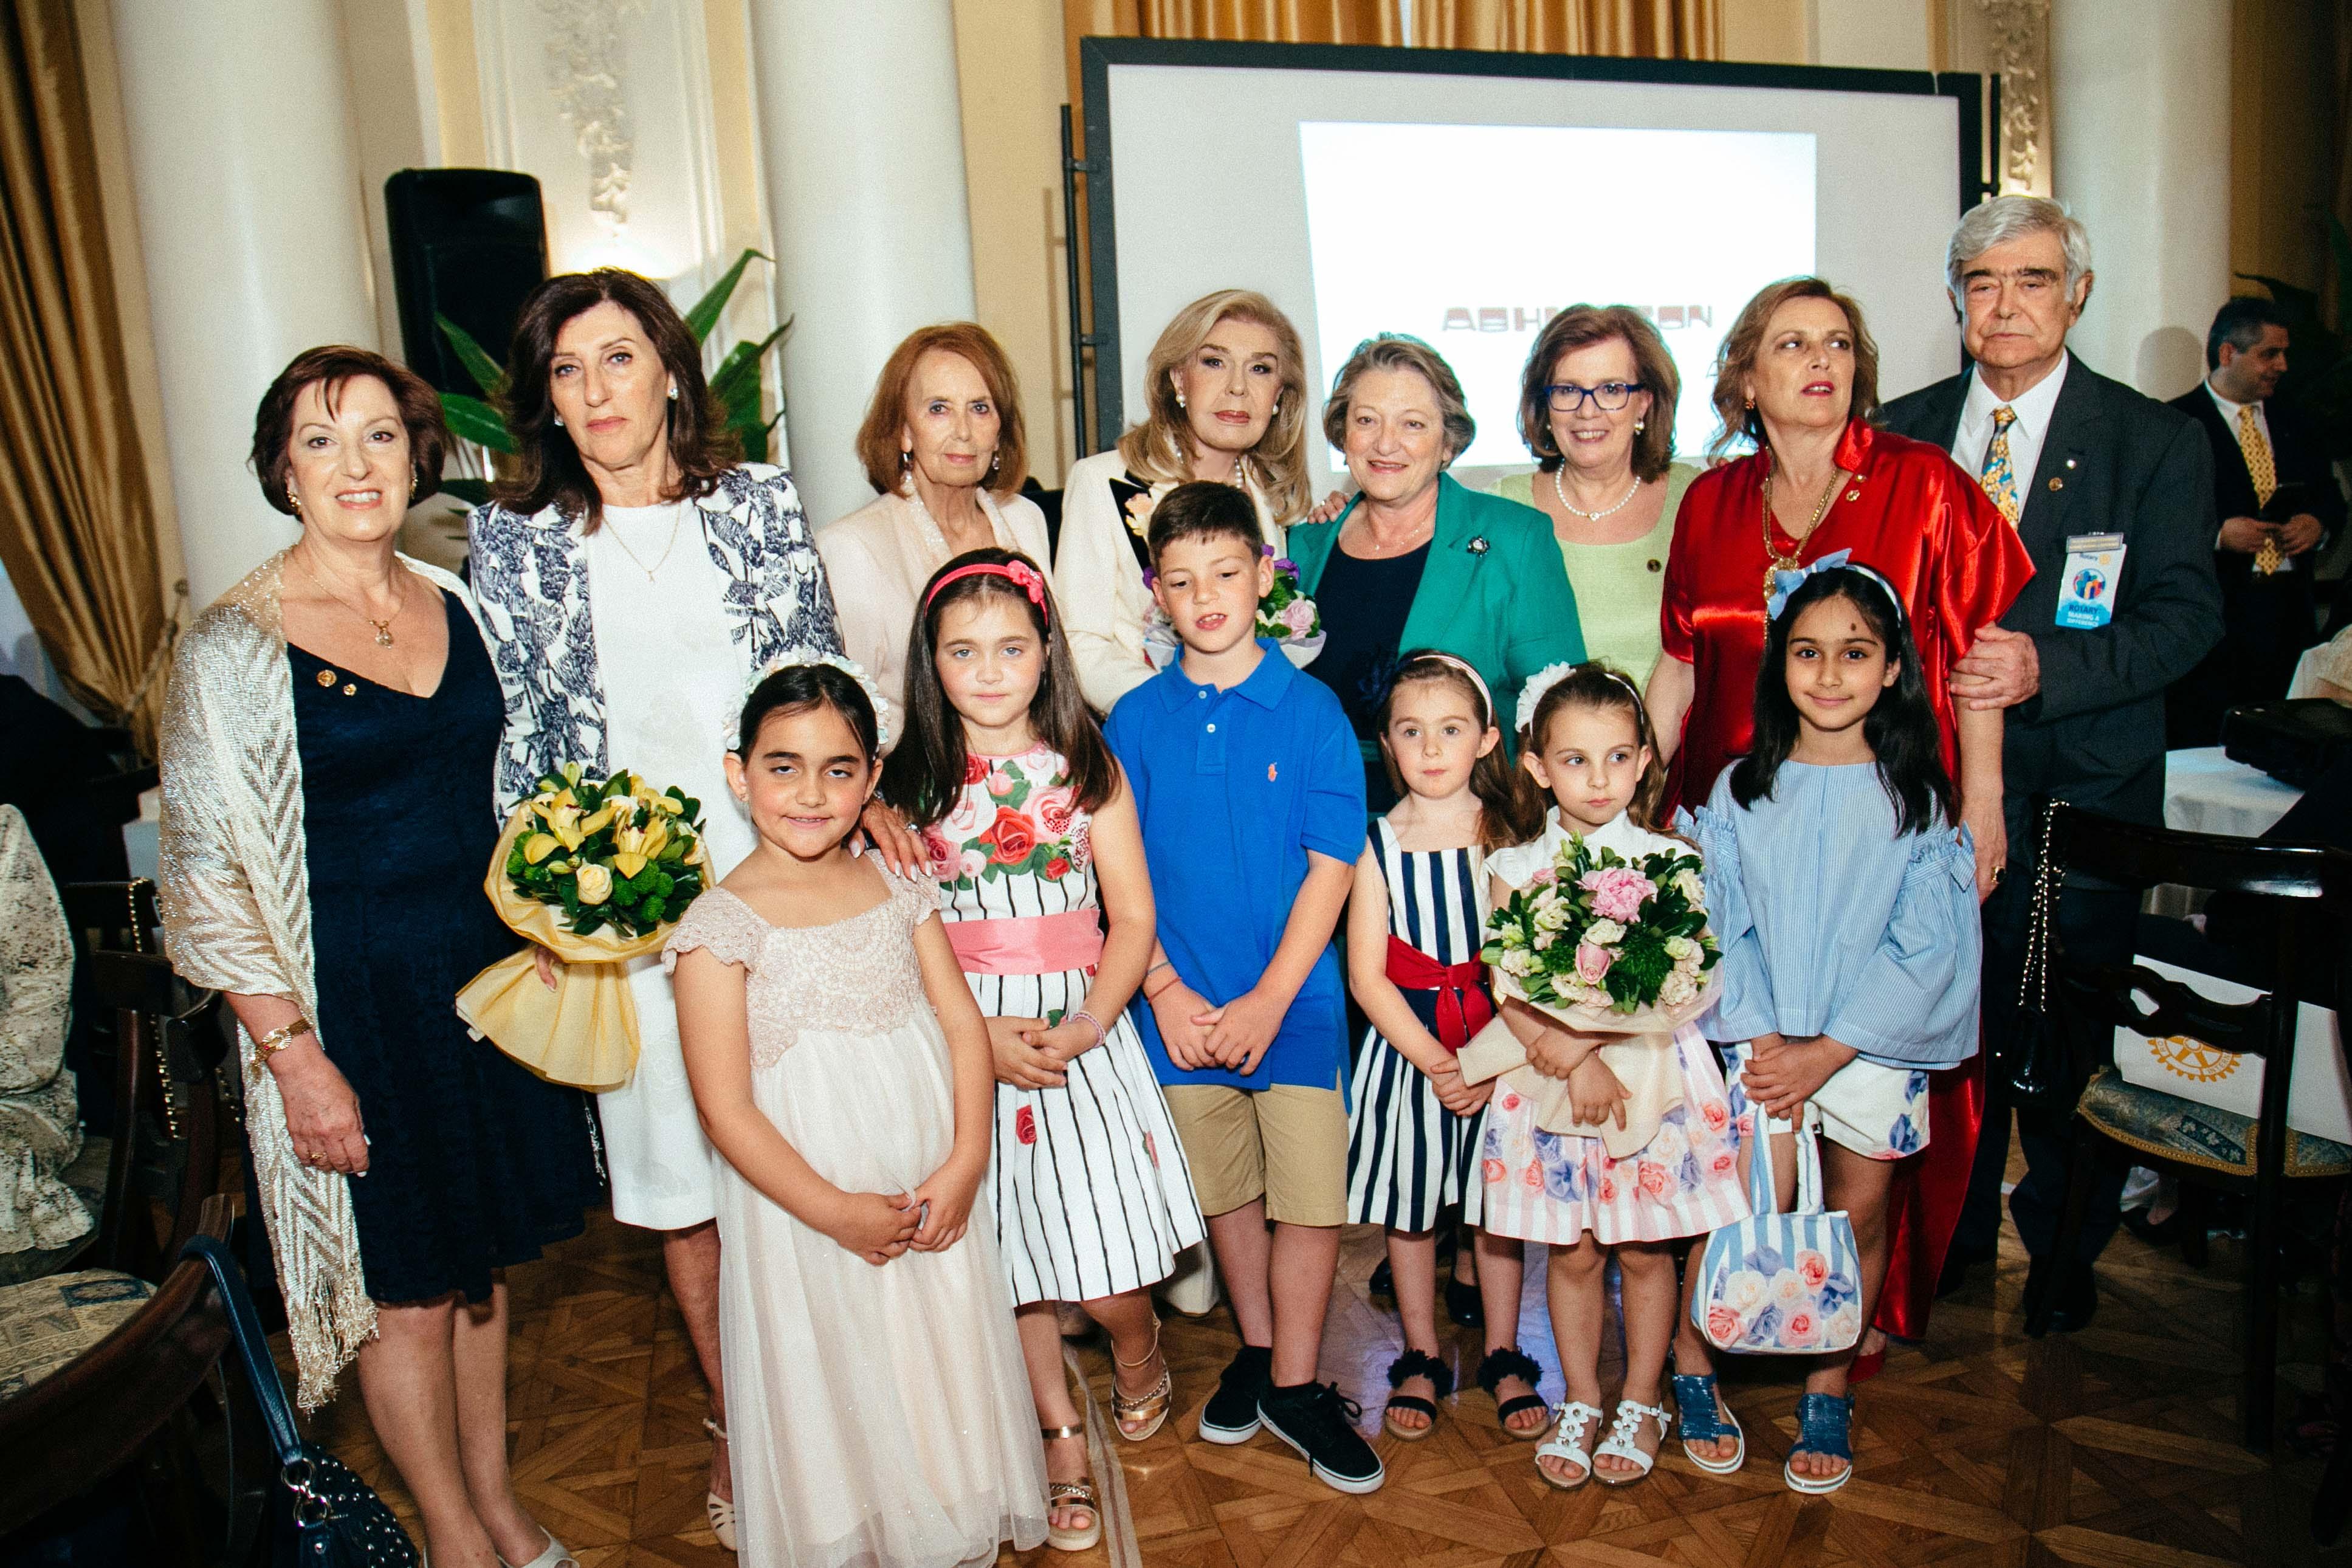 Ο Διοικητής 2470 περ. Δ.Ρ. Χρήστος Κίτσος μαζί με την κυρία Μαριάννα Β. Βαρδινογιάννη και τη σύζυγο του Προέδρου της Δημοκρατίας κυρία Σίσσυ Παυλοπούλου, την Προδιοικητή Μάρη Δεληβοριά, τη Βοηθό Διοικητή Ασπασία Καλλιέρου, την Προέδρο ομίλου Ντίντα Μανώλη , τη σύζυγο του Διοικητή Χρήστου Κίτσου, Άγλα και τη σύζυγο του ΑΓΕΕΘΑ Ναυάρχου Ευάγγελου Αποστολάκη , κυρία Δέσποινα Μαγγελάκη